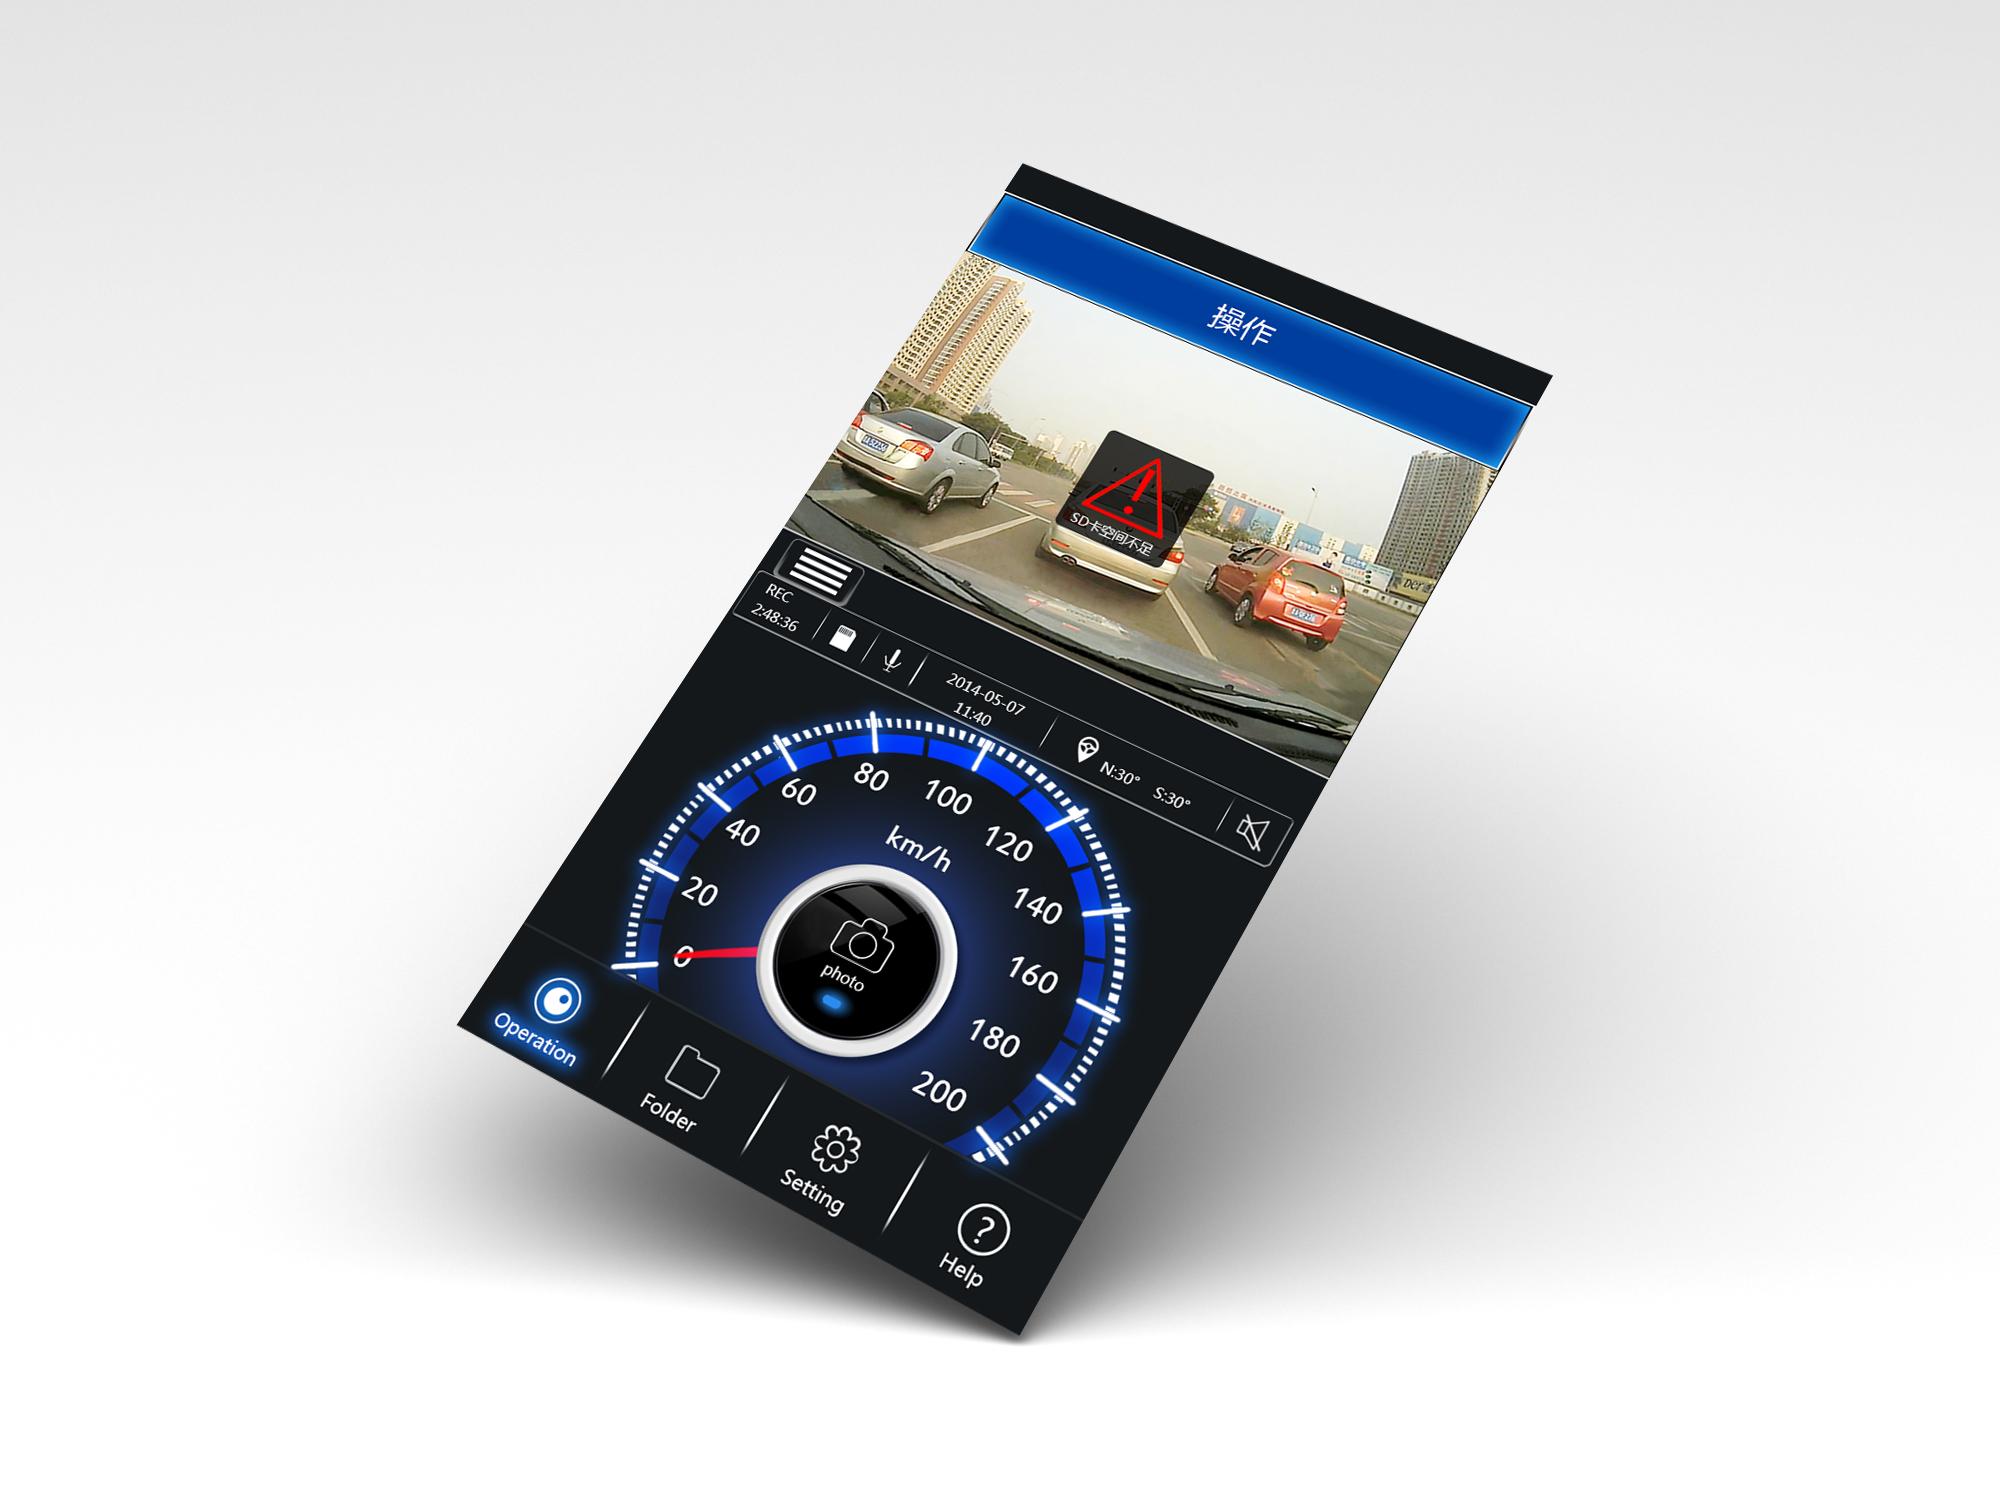 行车仪app开发,智能硬件app开发,app开发